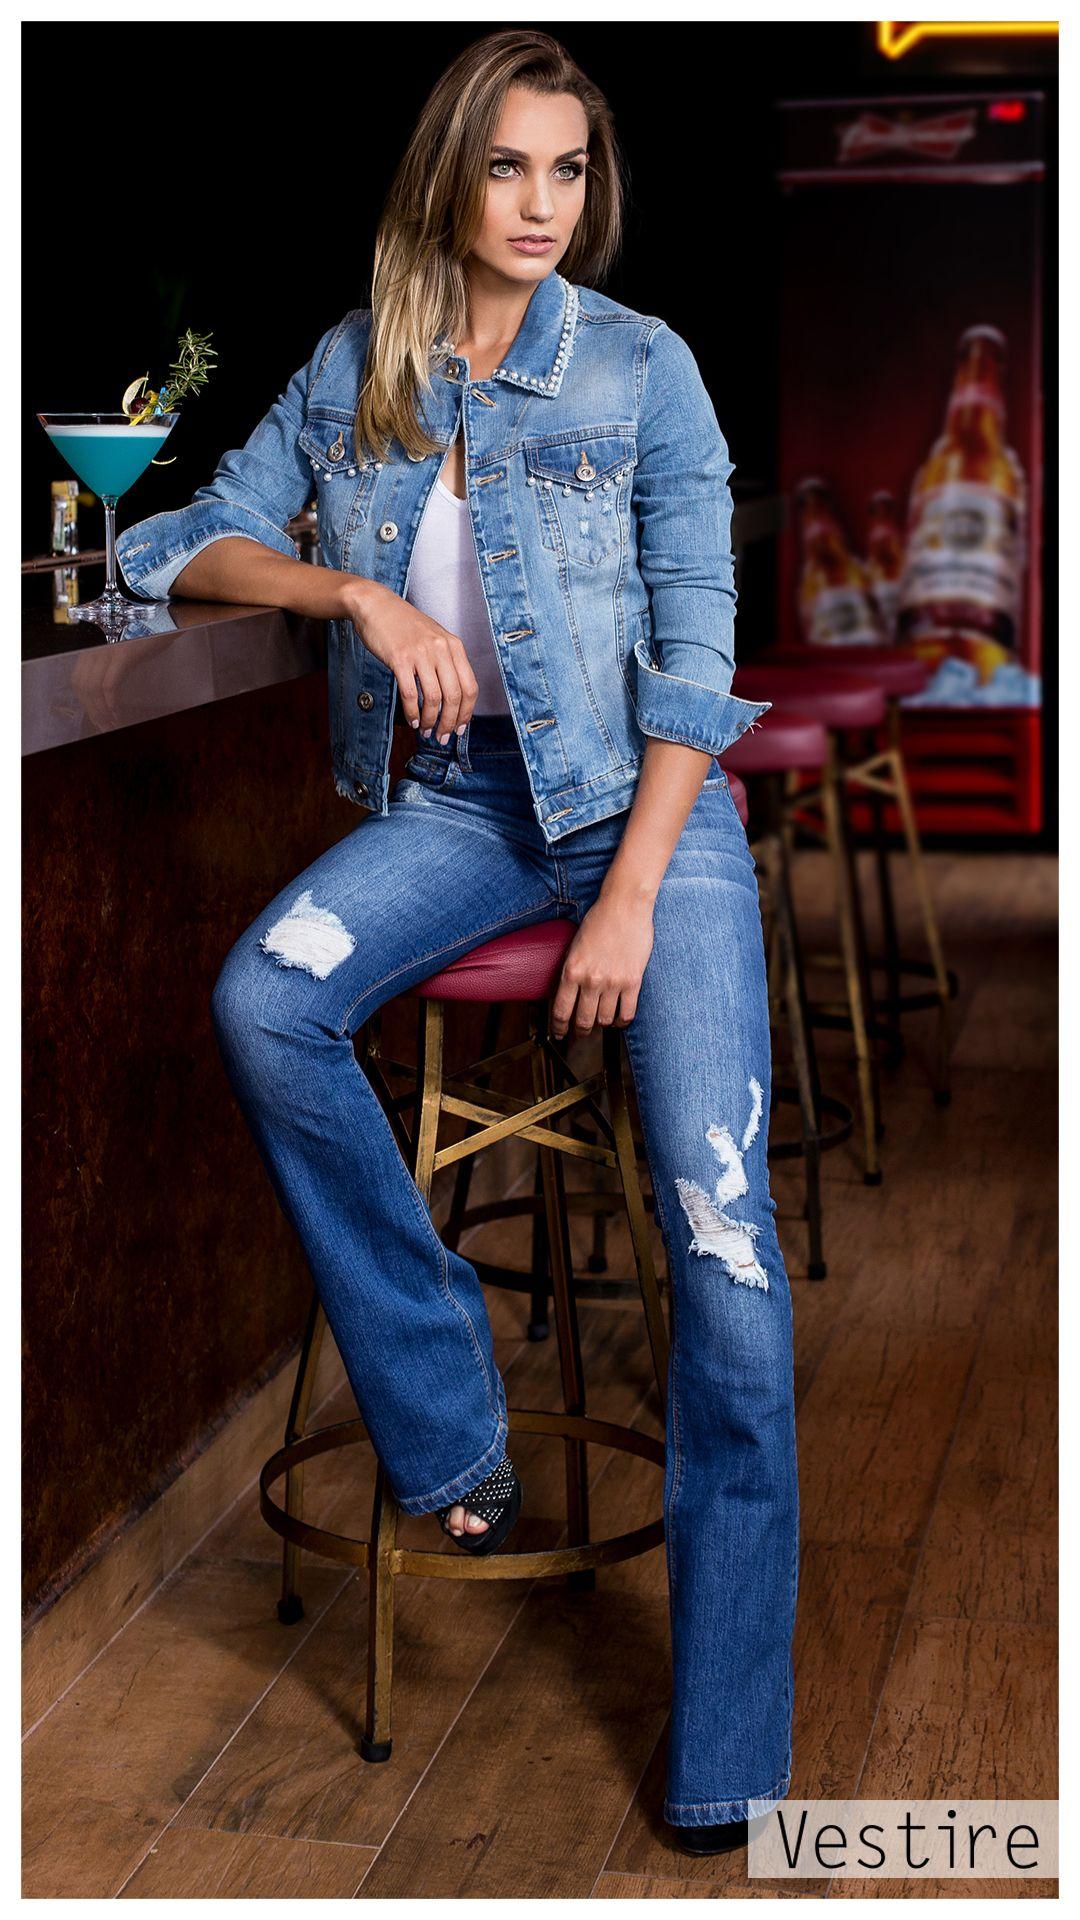 5d51be6c8 Camisa Feminina. Vestire Jeans. Moda Feminina. Jeans Feminino. Calça Flare  Destroyer. Rips. Jaqueta Jeans. Bordado Perola